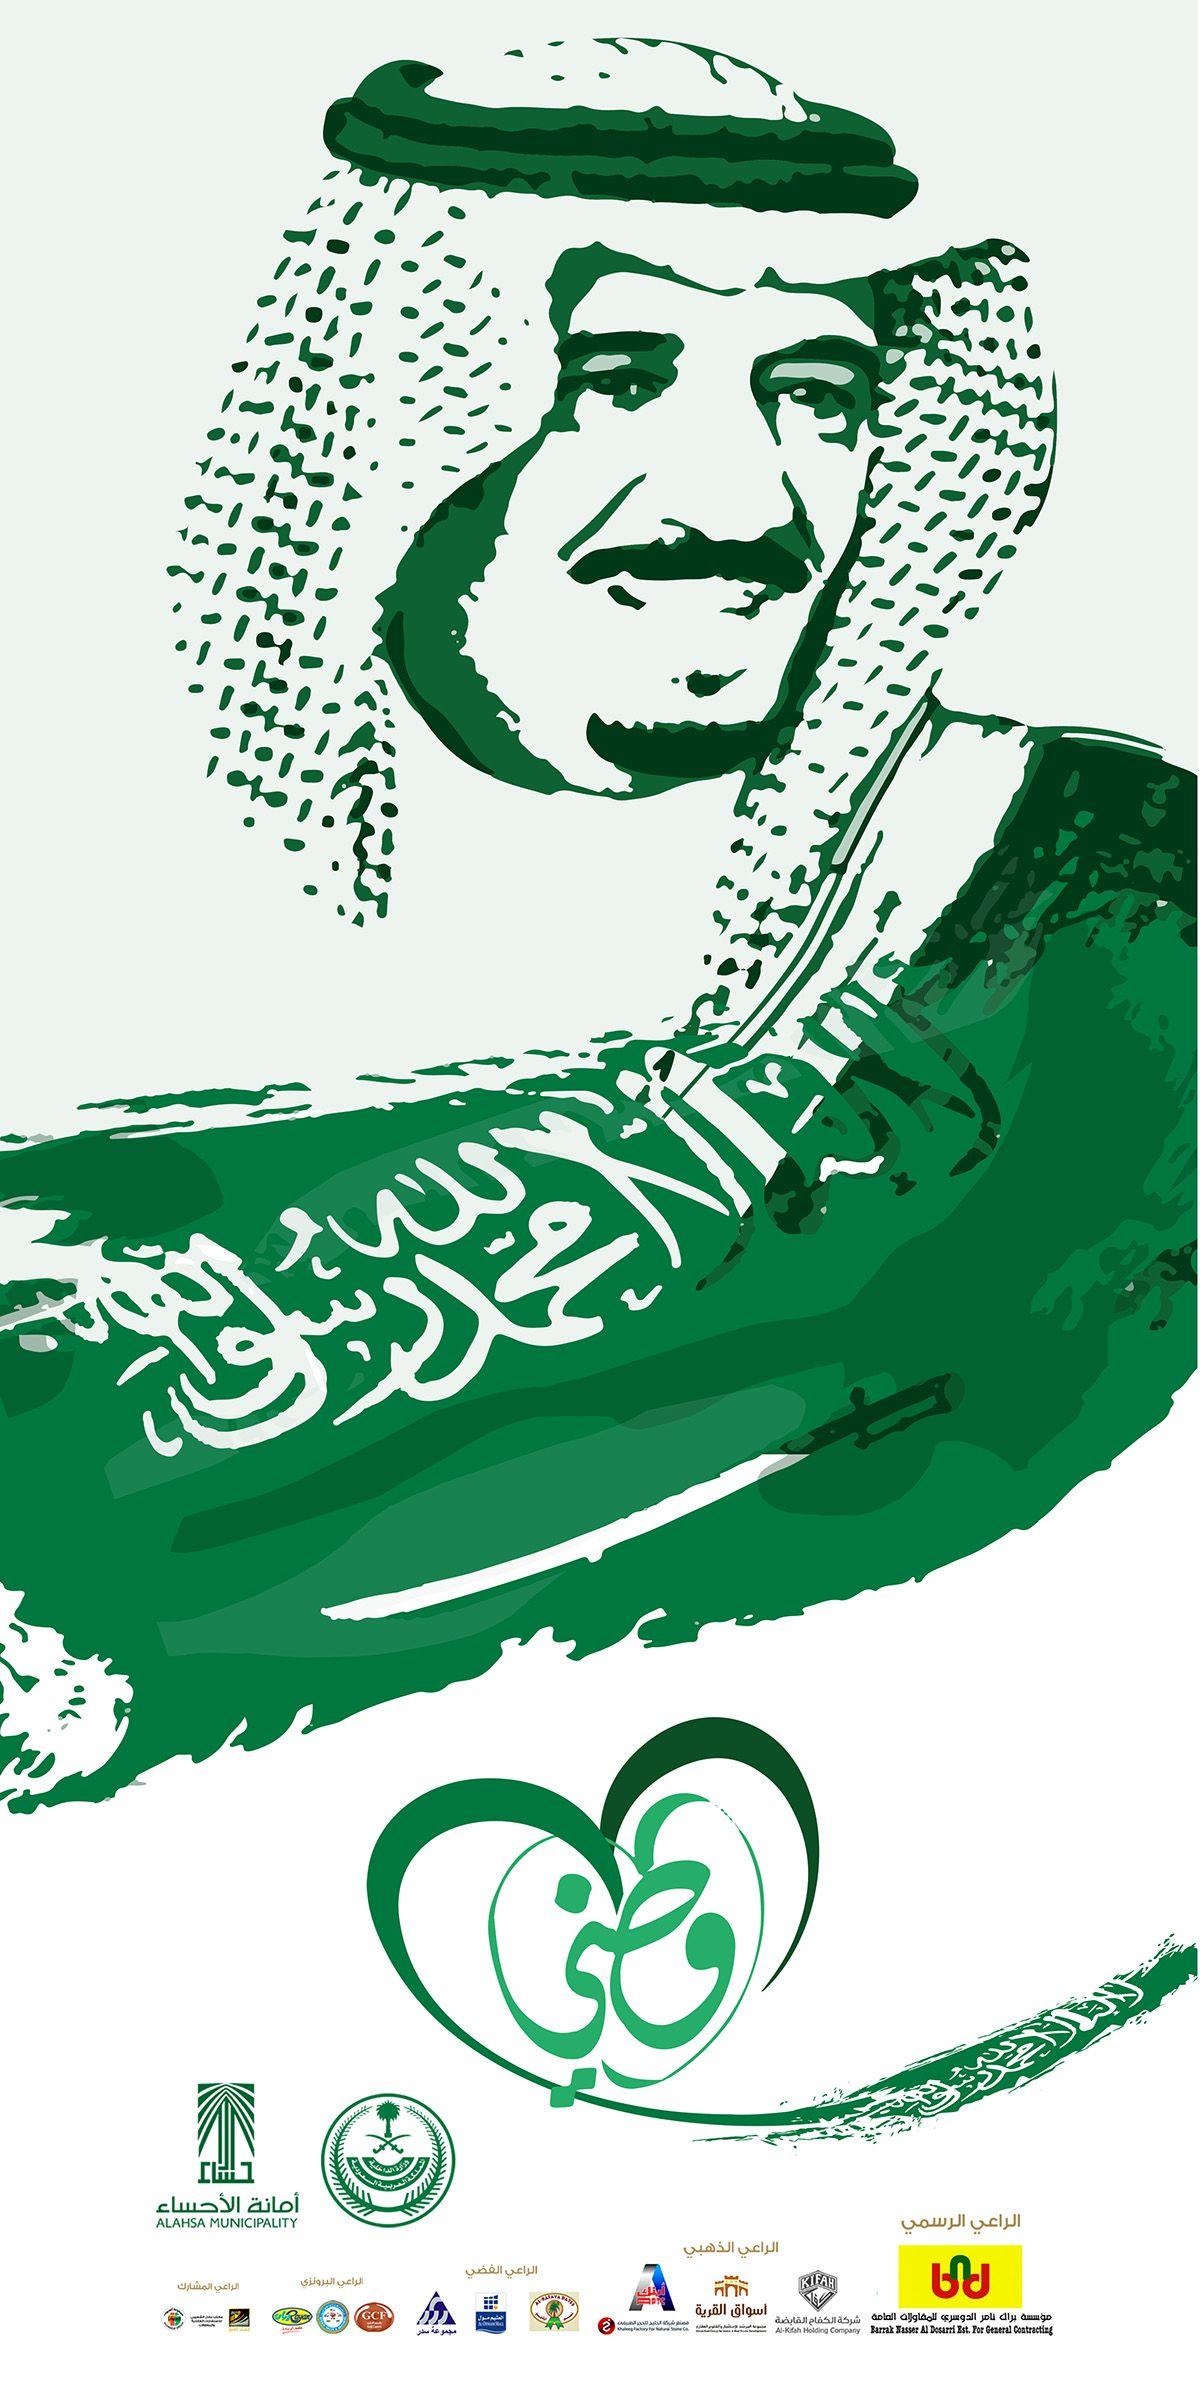 حملة وطني اليوم الوطني للسعودية On Behance National Day Saudi Saudi Arabia Flag Islamic Calligraphy Painting